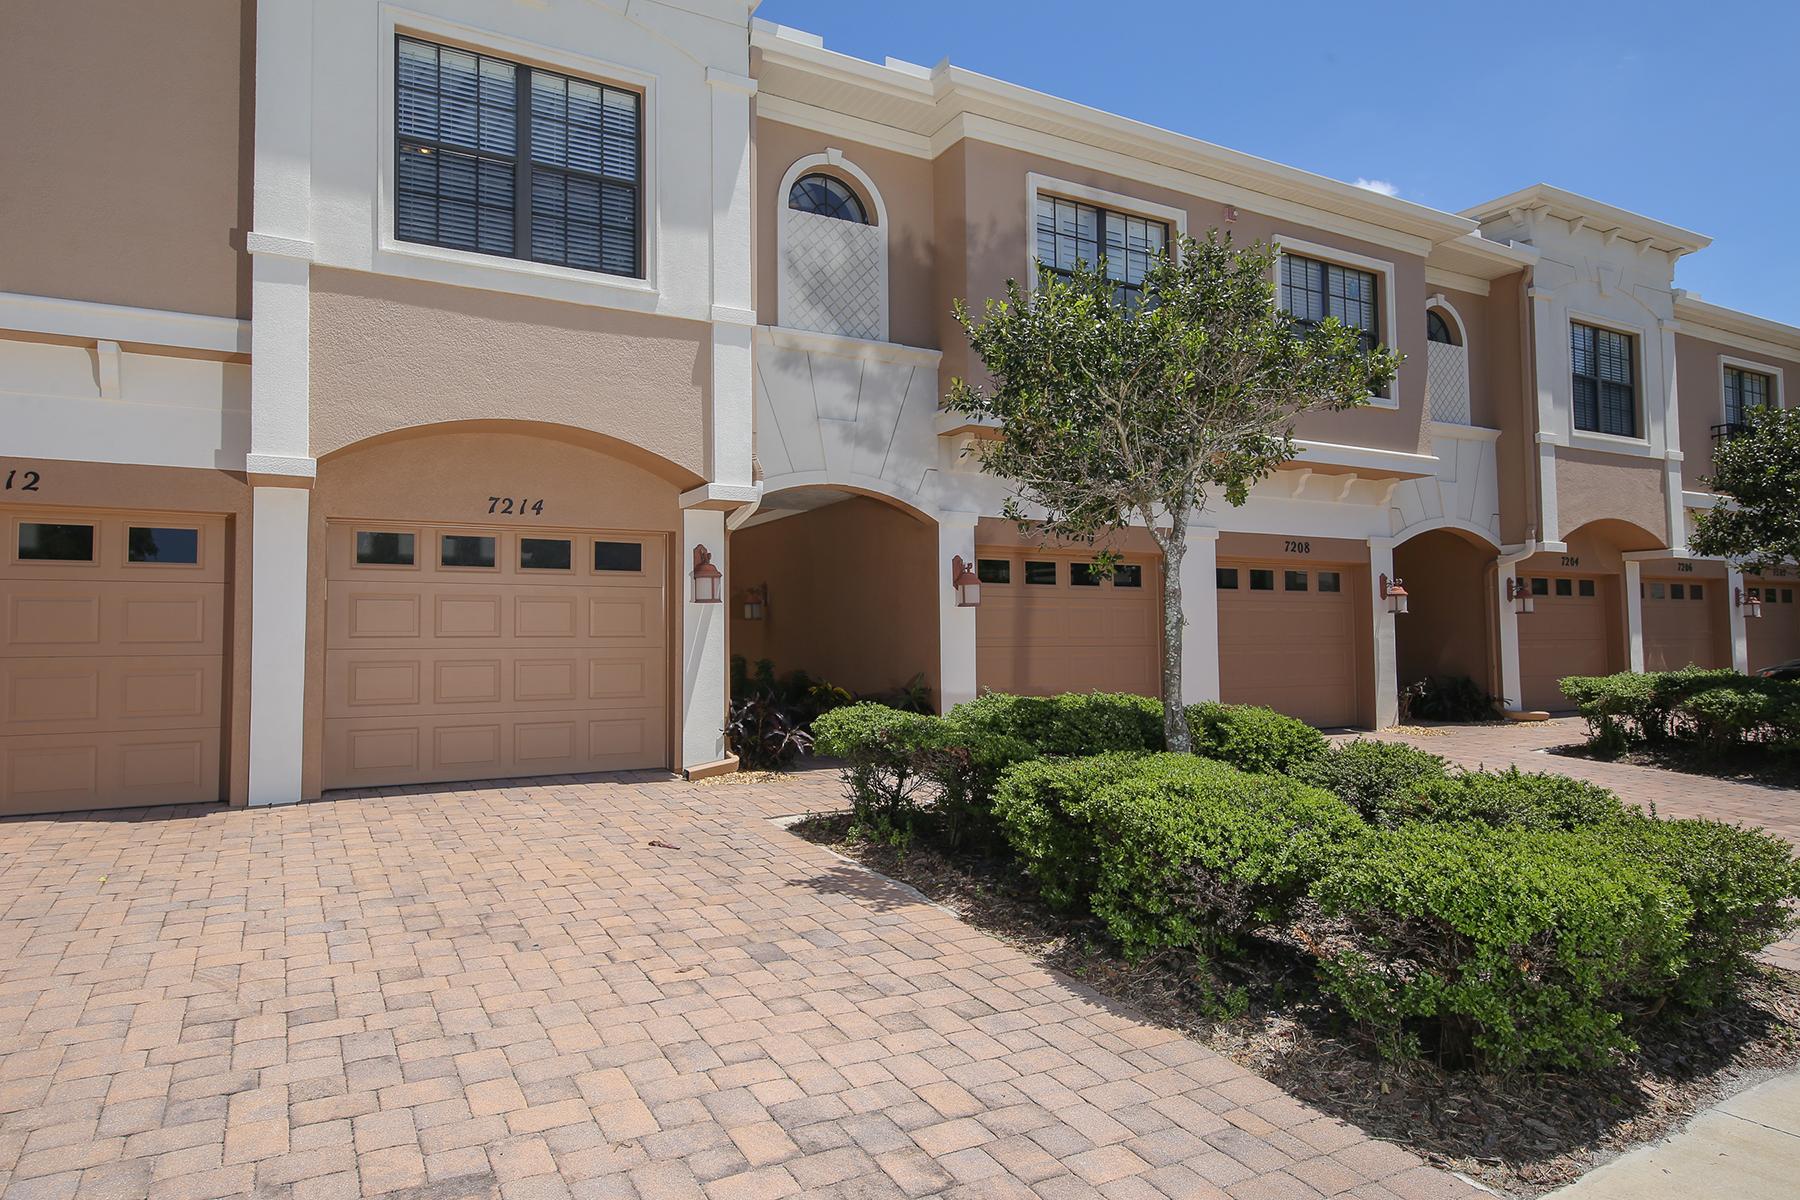 콘도미니엄 용 매매 에 BRADENTON 7214 Hamilton Rd 7214 Bradenton, 플로리다, 34209 미국